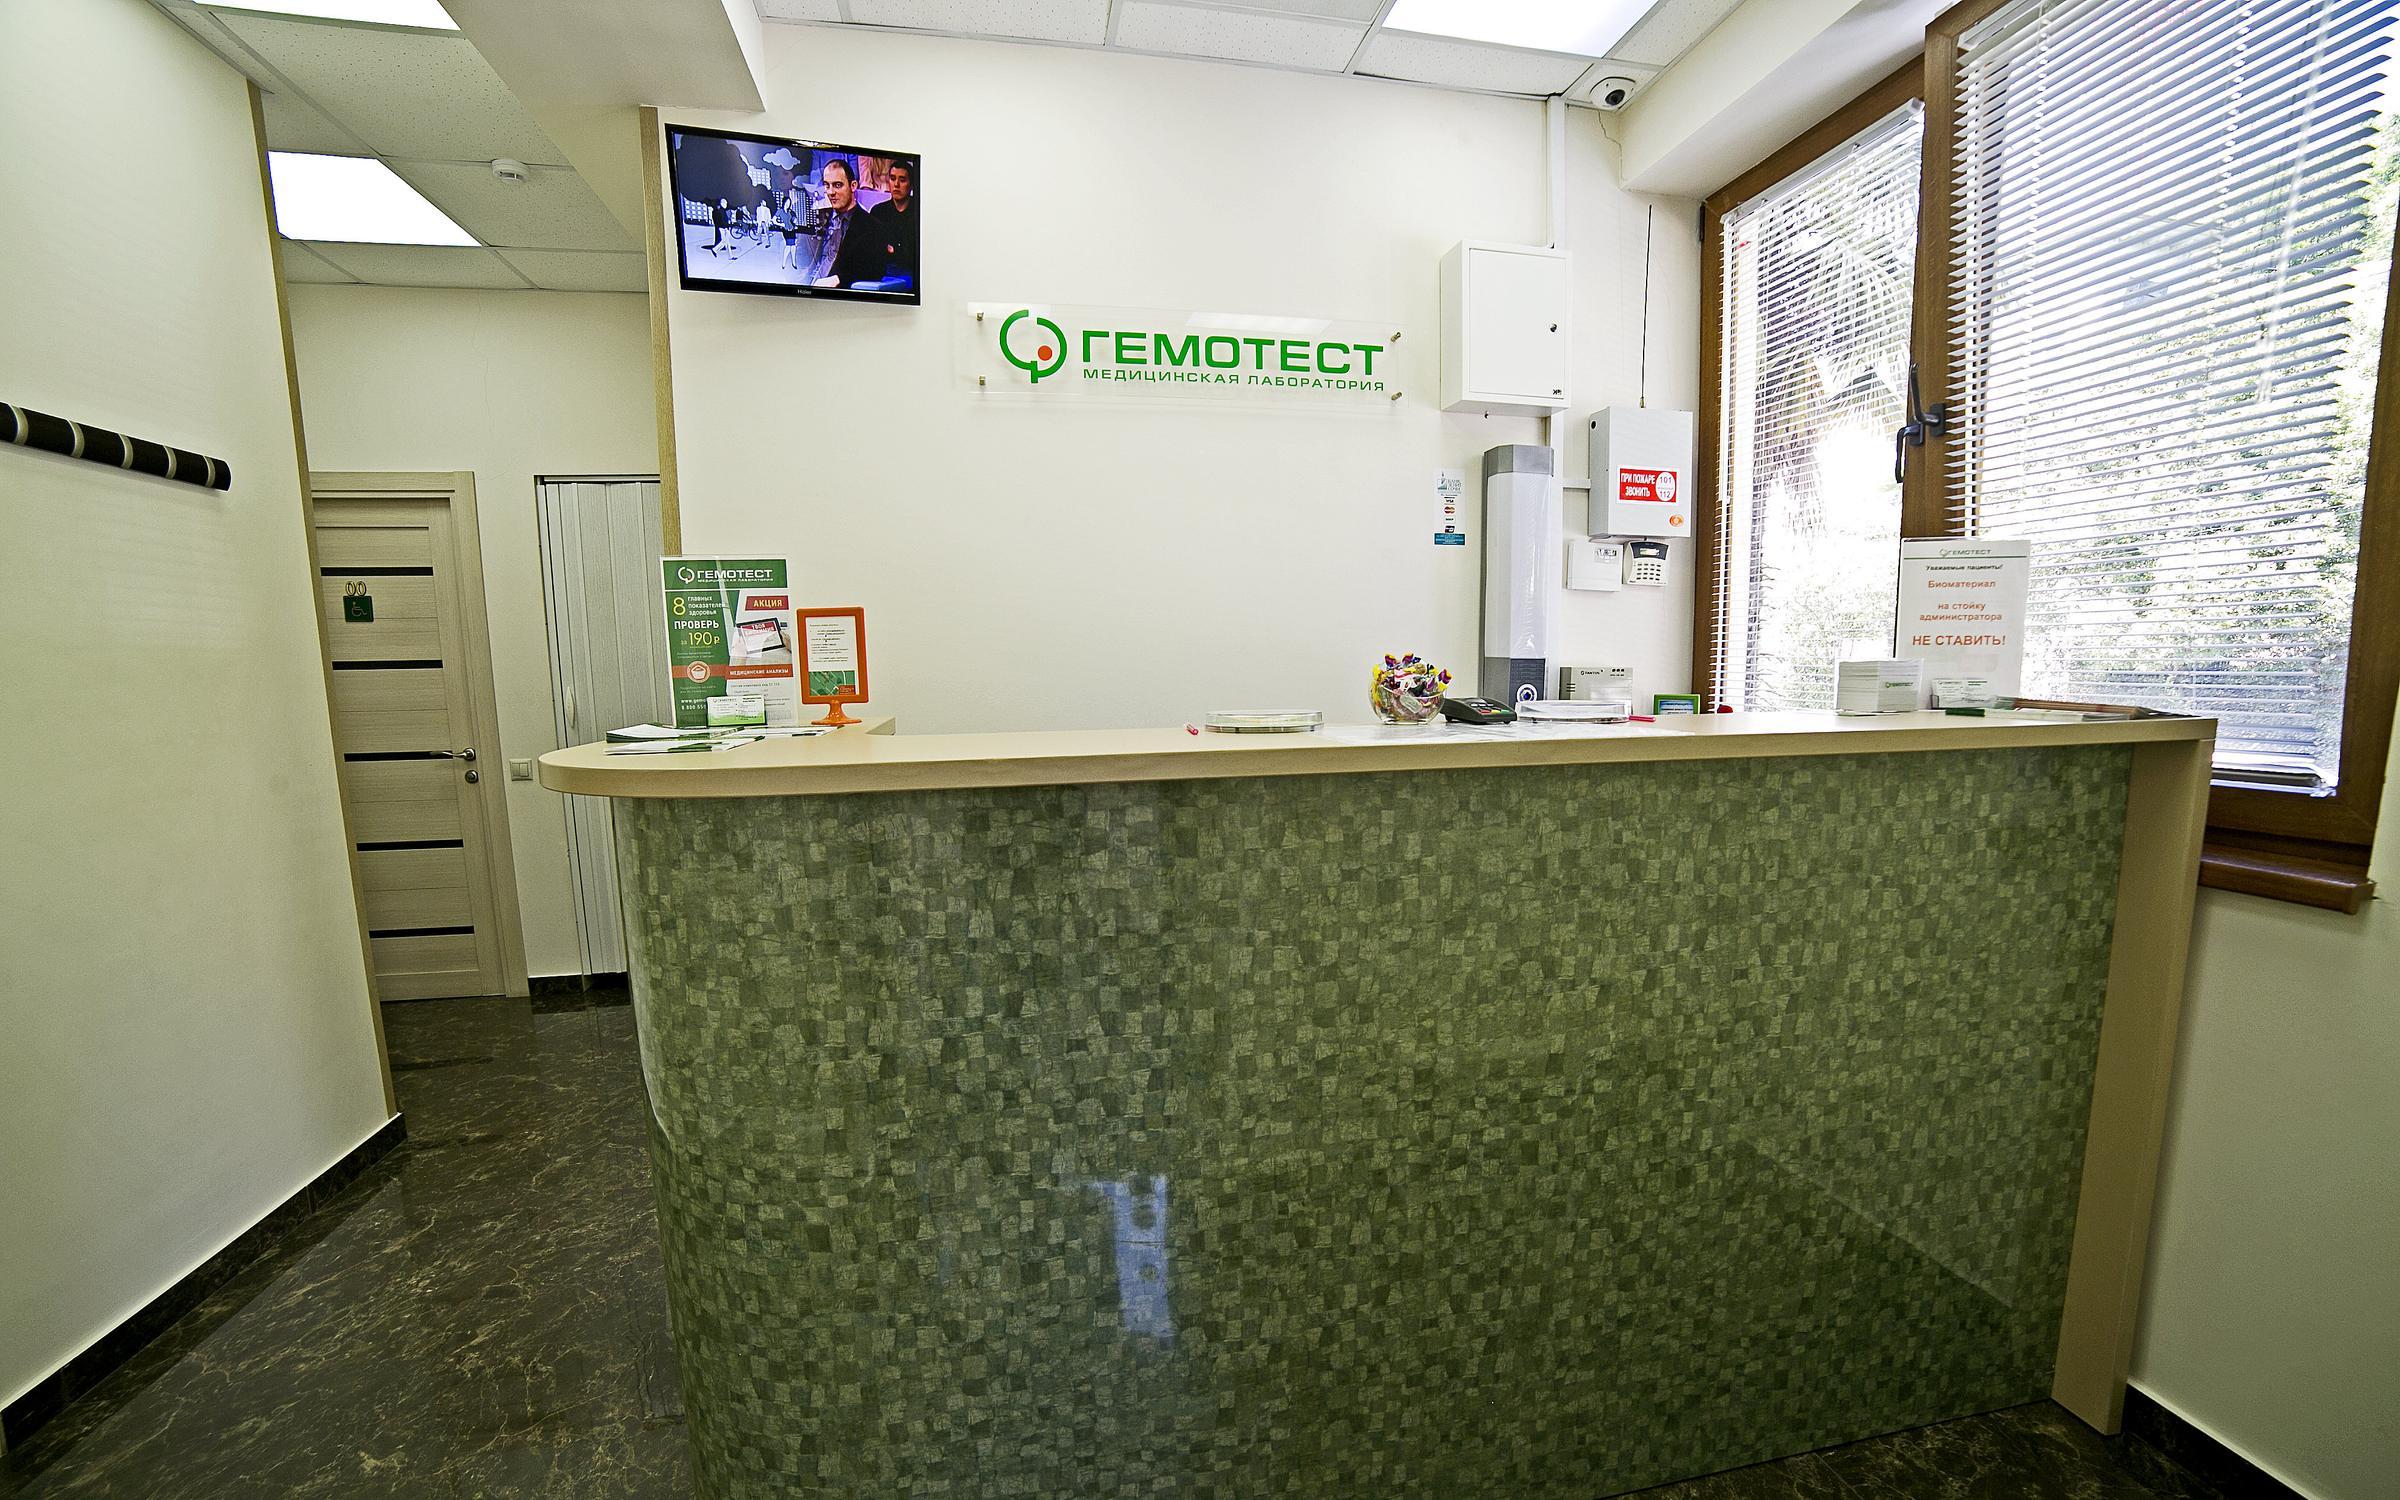 фотография Медицинской лаборатории Гемотест в Центральном внутригородском районе